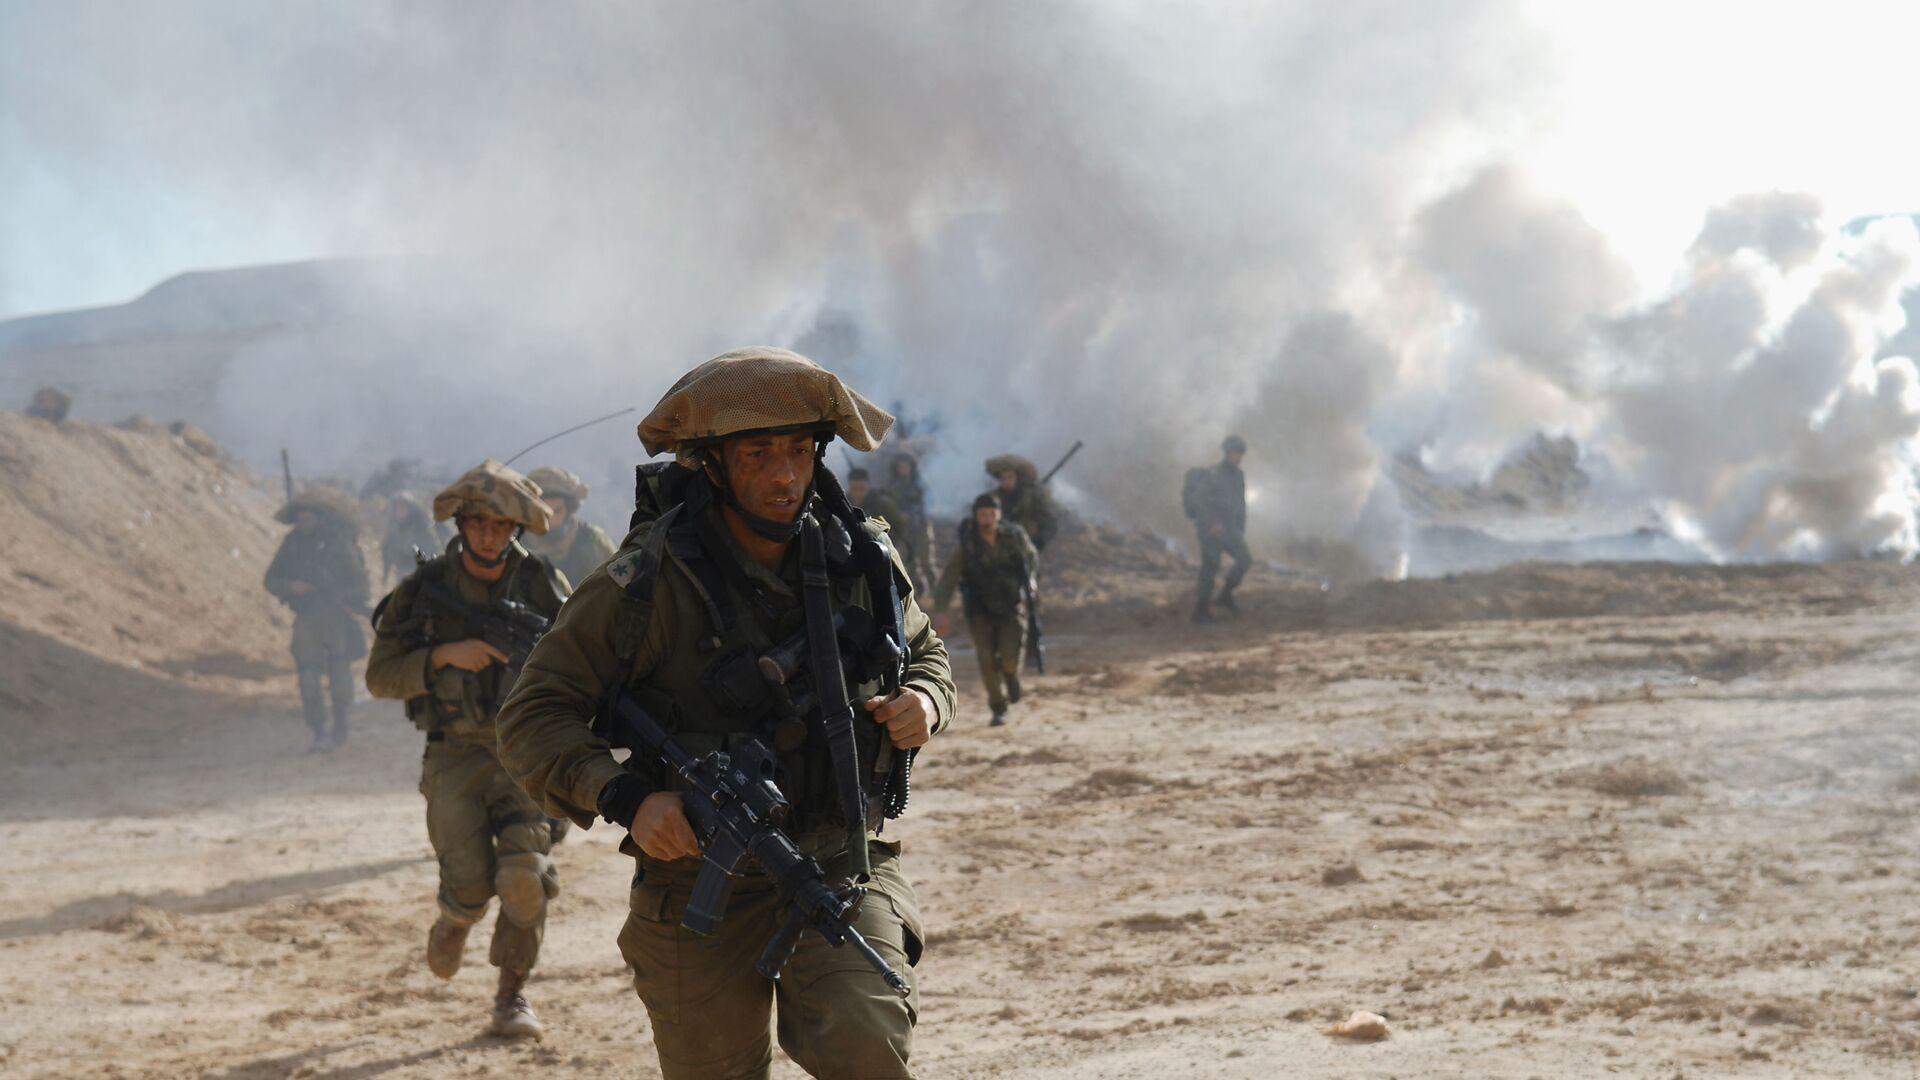 Israël exercices militaires армия Израиля учения - Sputnik France, 1920, 05.08.2021